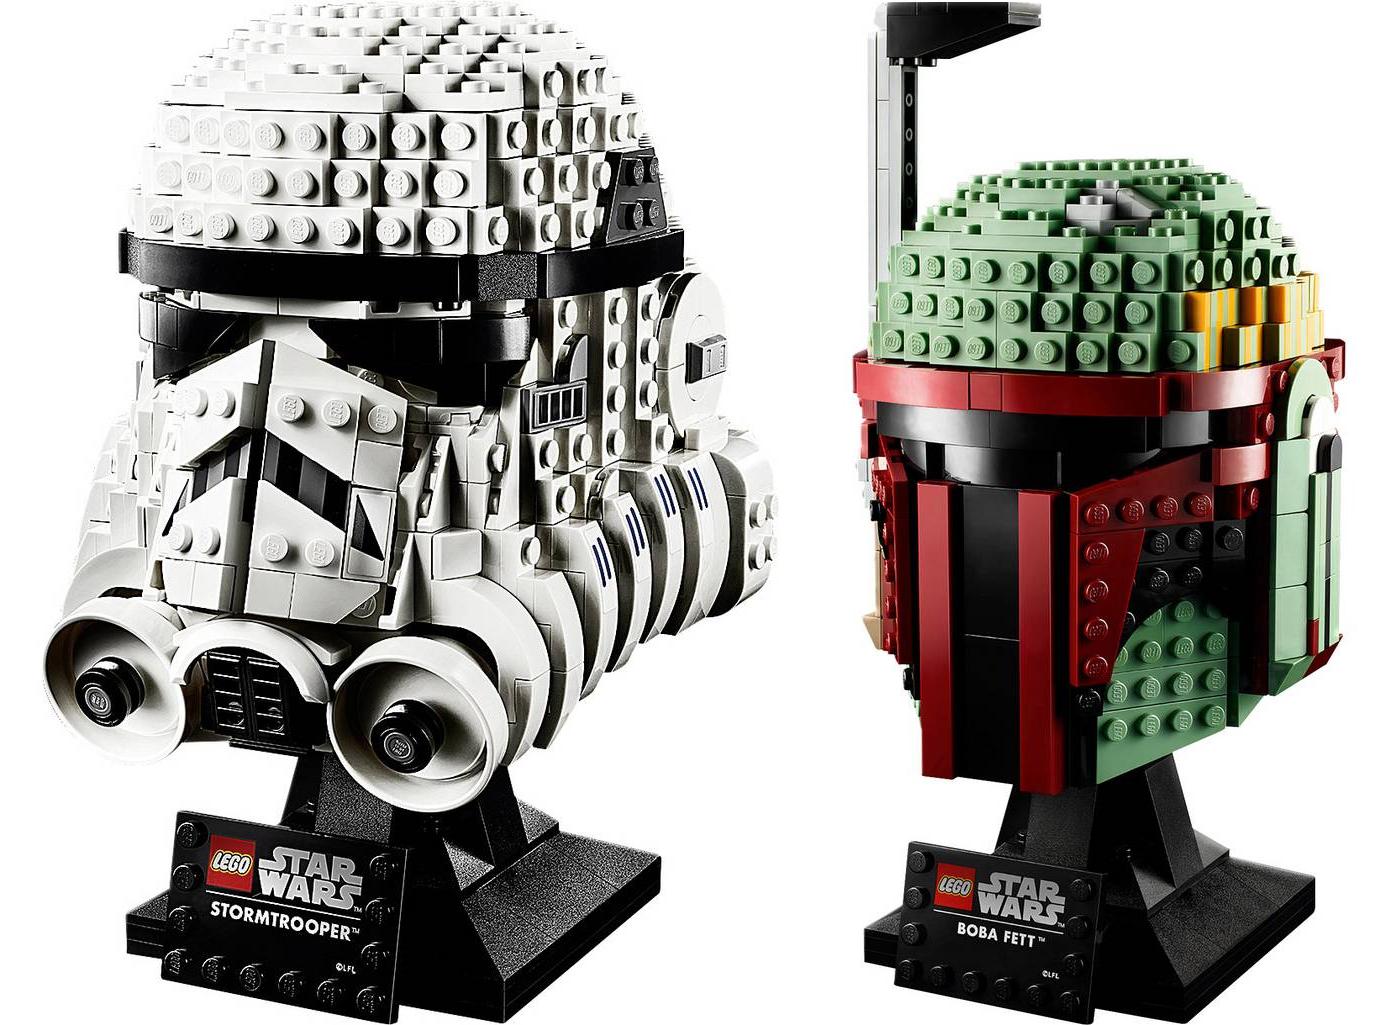 """LEGO STAR WARS Stormtrooper Helm 75276 & Boba Fett Helm 75277 jeweils für 42,78 € bei Zahlung mit """"Sofort."""""""